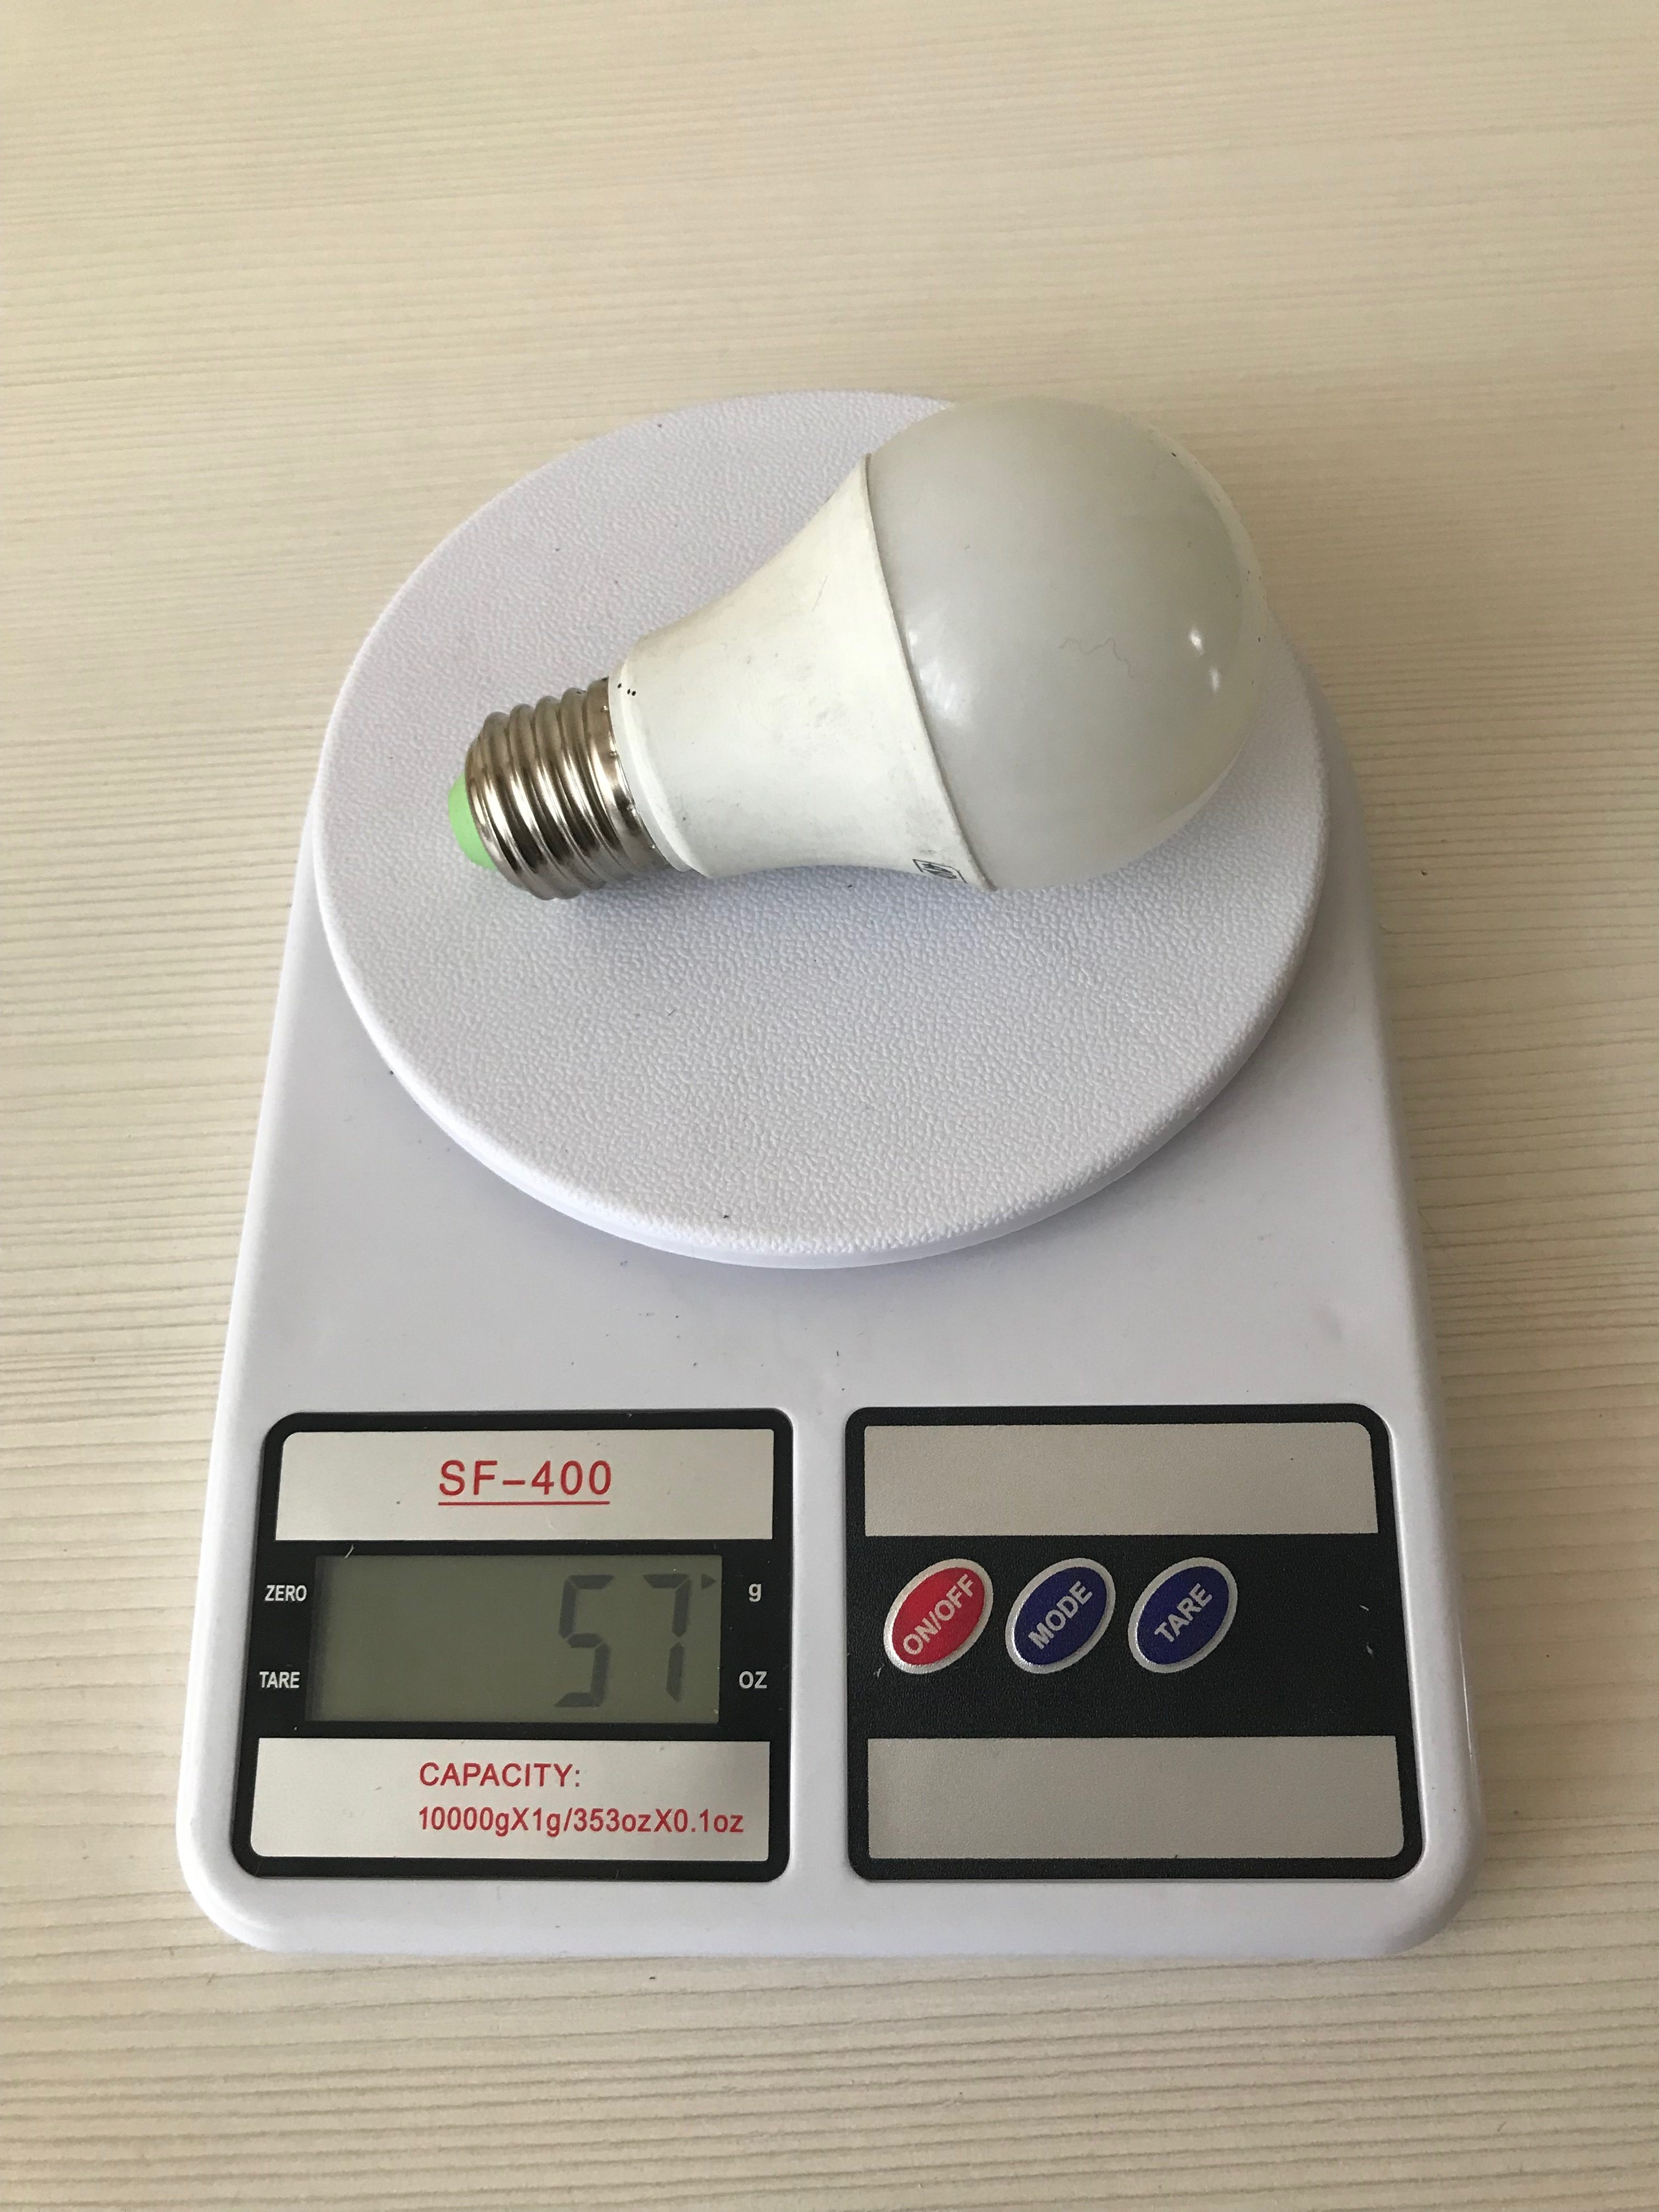 вес энергосберегающей лампы /></noscript></span></span></p></div><div class=